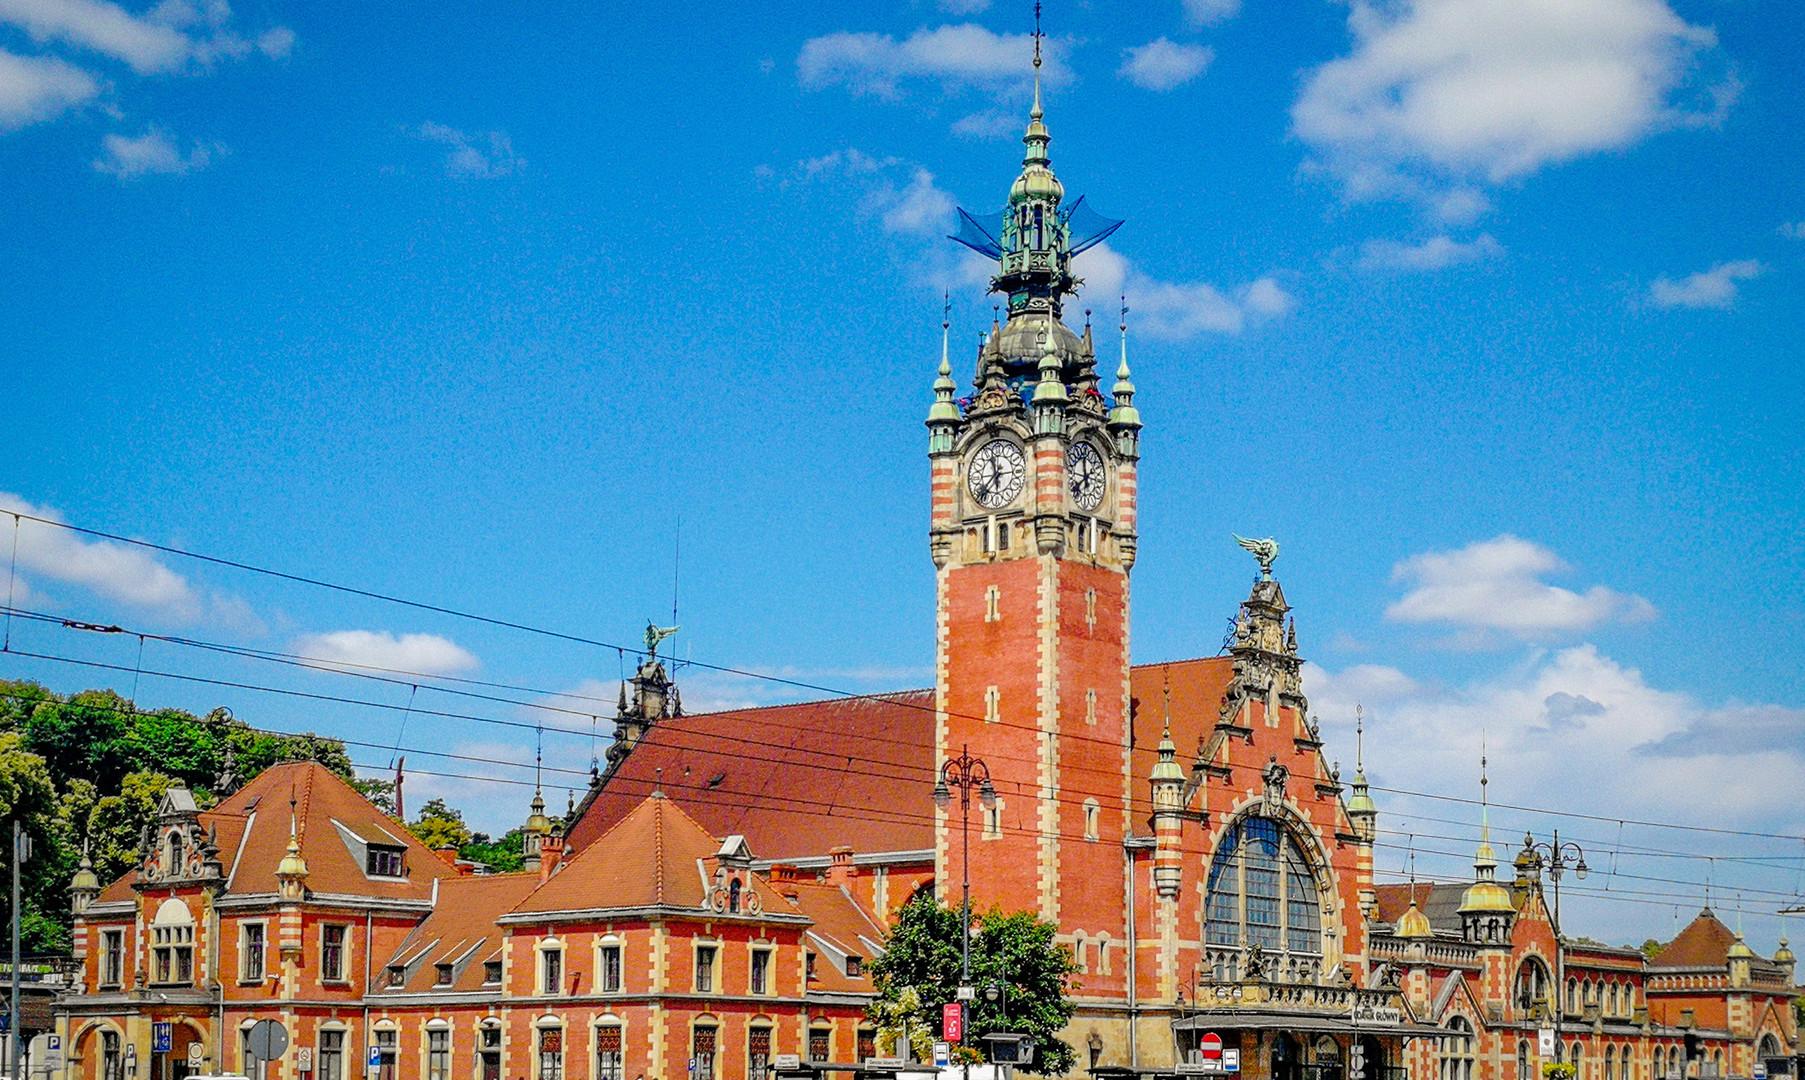 Жд вокзал Гданьска